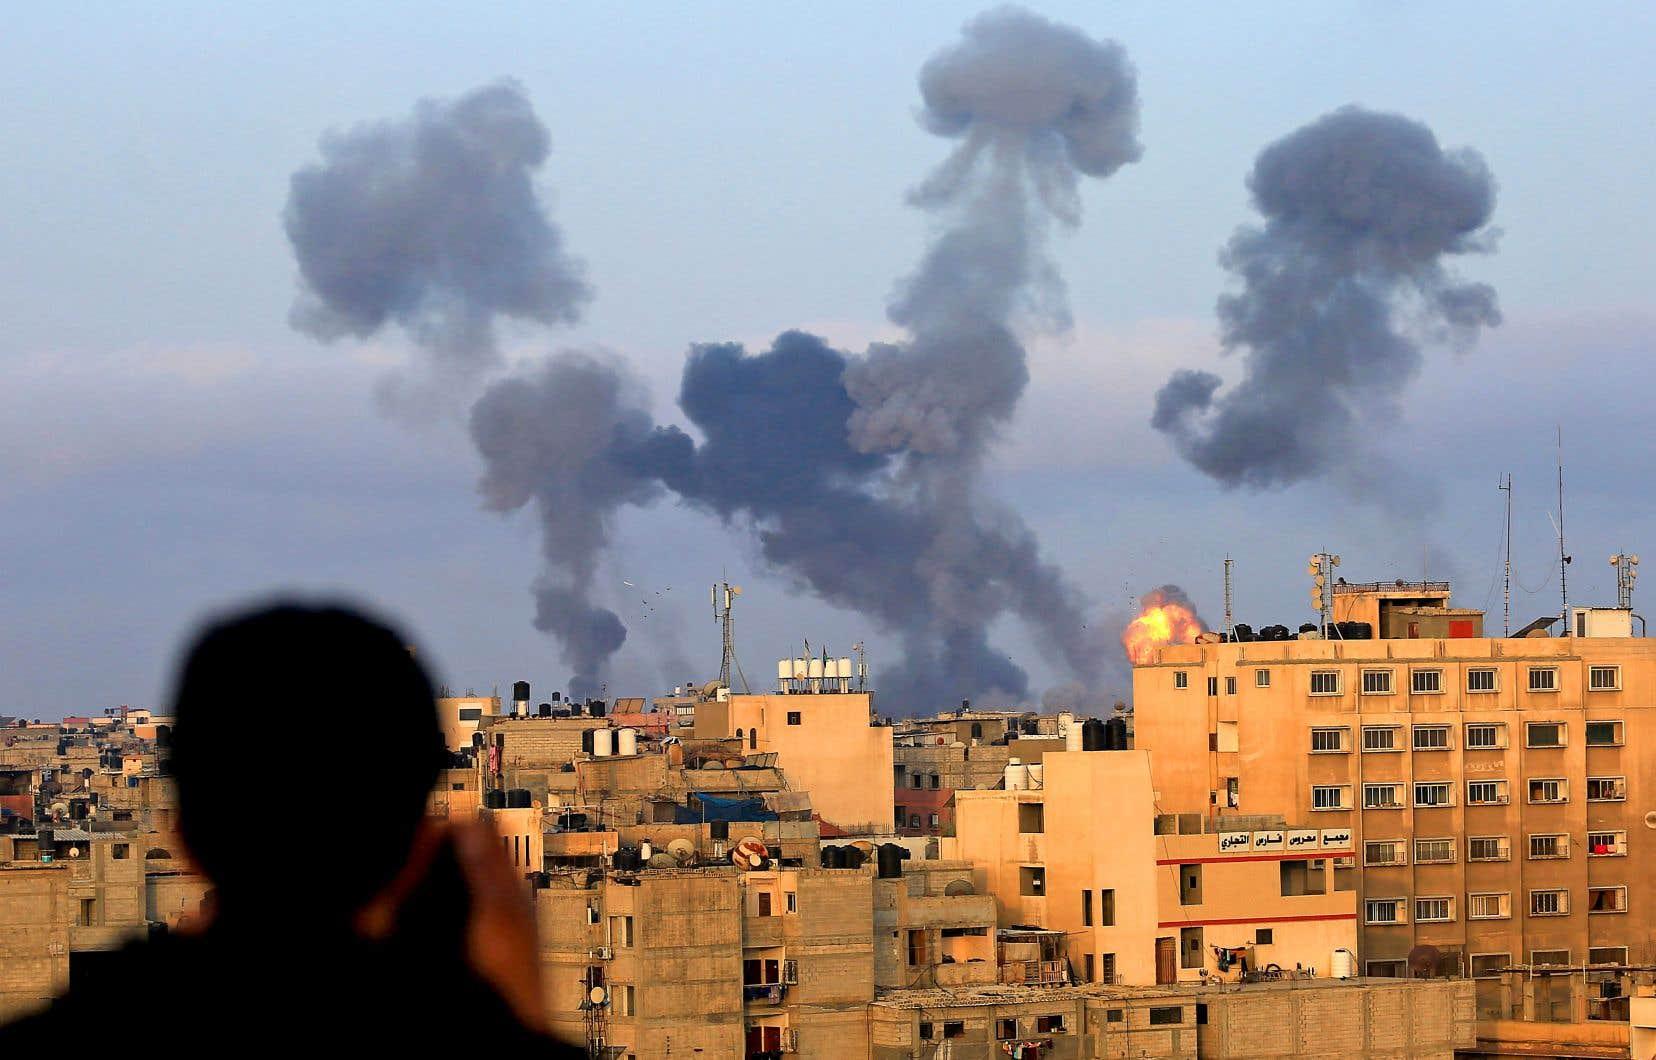 Mardi soir, un immeuble d'une douzaine d'étages dans le centre-ville de Gaza, dans lequel des ténors du Hamas avaient leurs bureaux, a été complètement détruit dans une frappe israélienne, a constaté un journaliste de l'AFP.